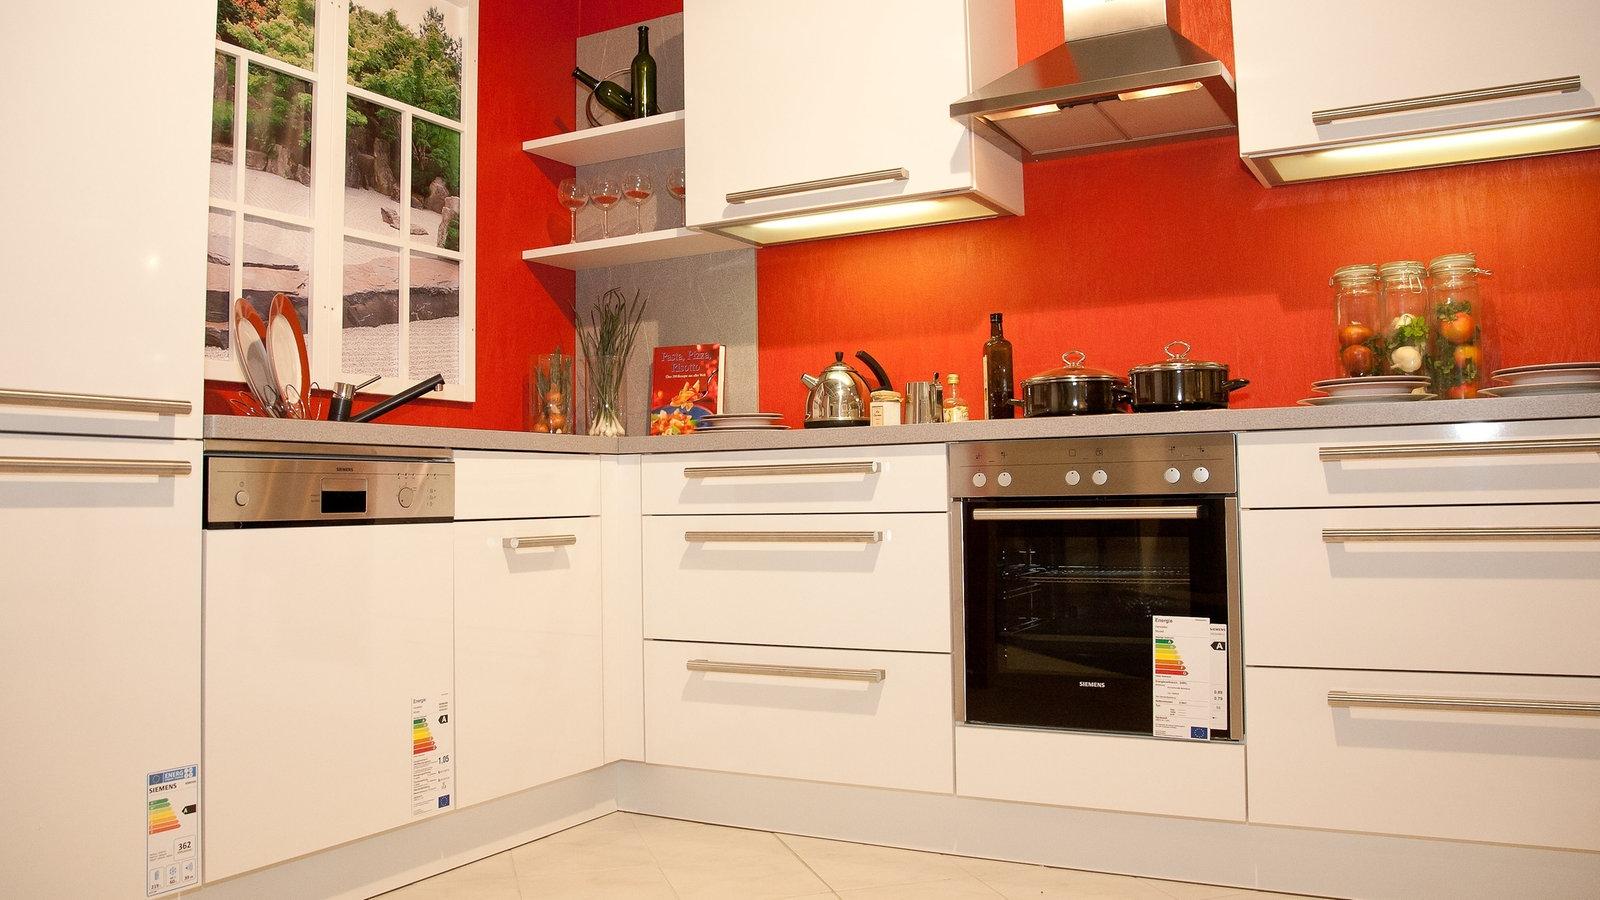 Gemütlich Bauhaus Küchenschrank Bilder Die Designideen für